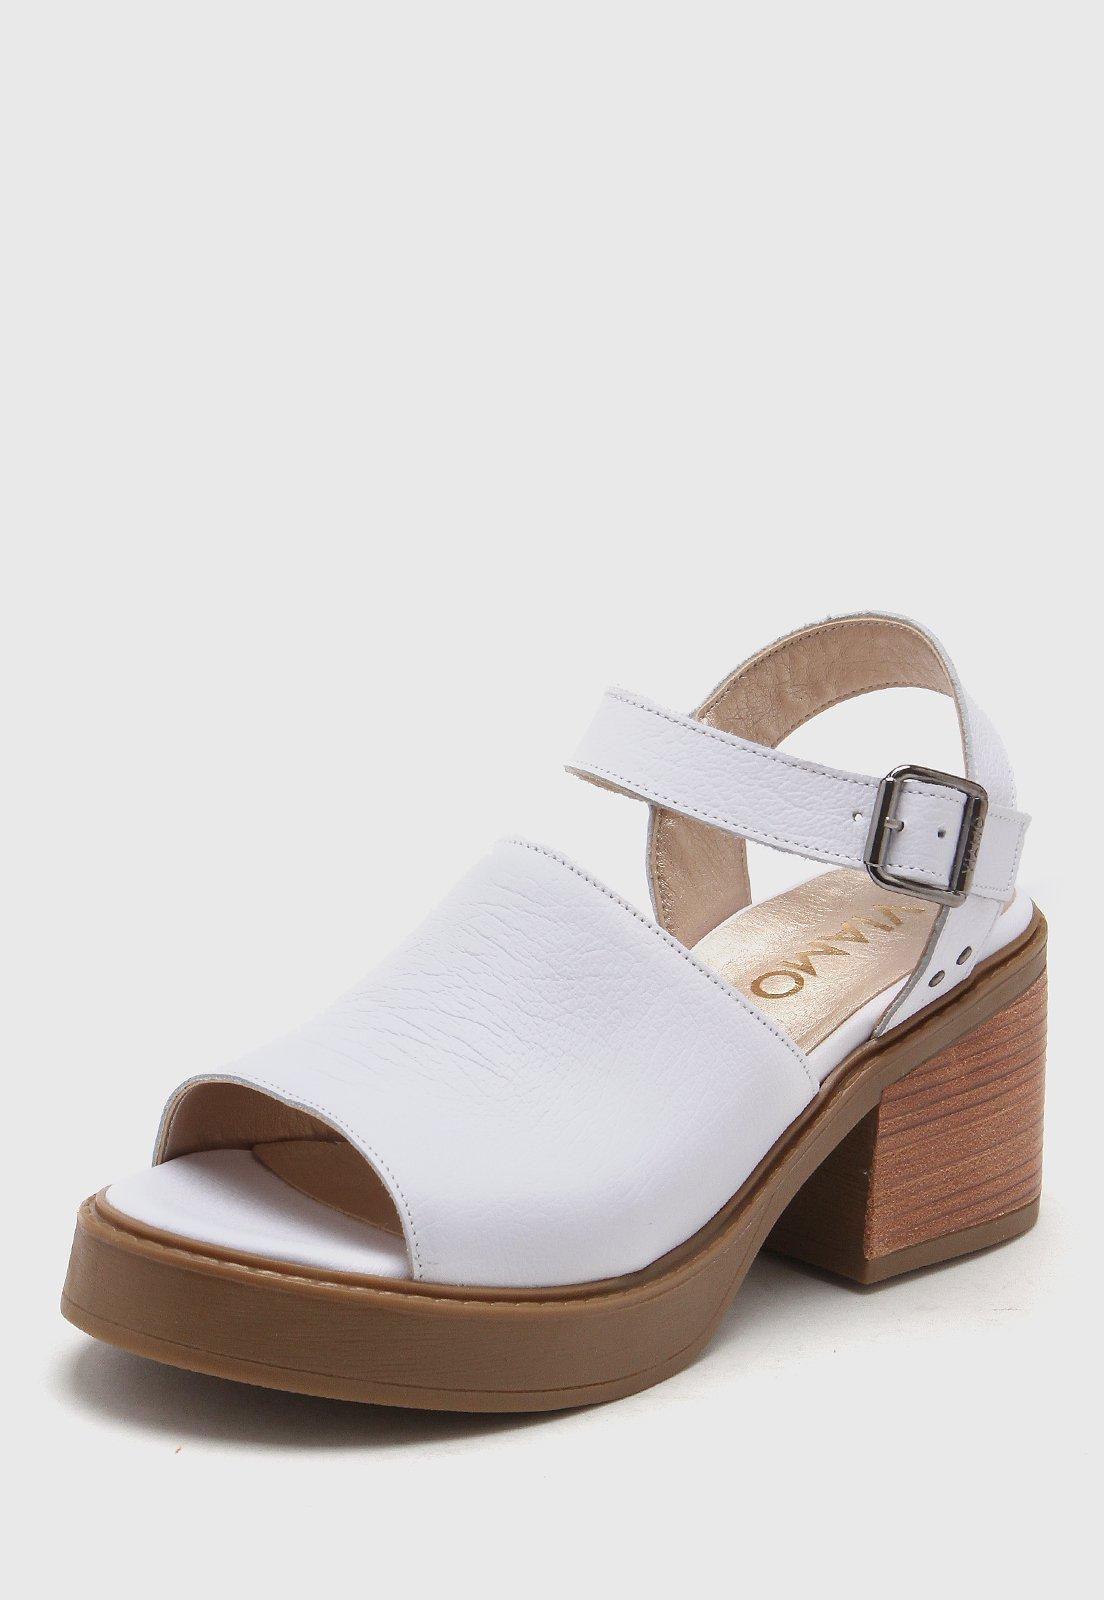 Sandalia de Cuero Blanca Viamo Mamillaria